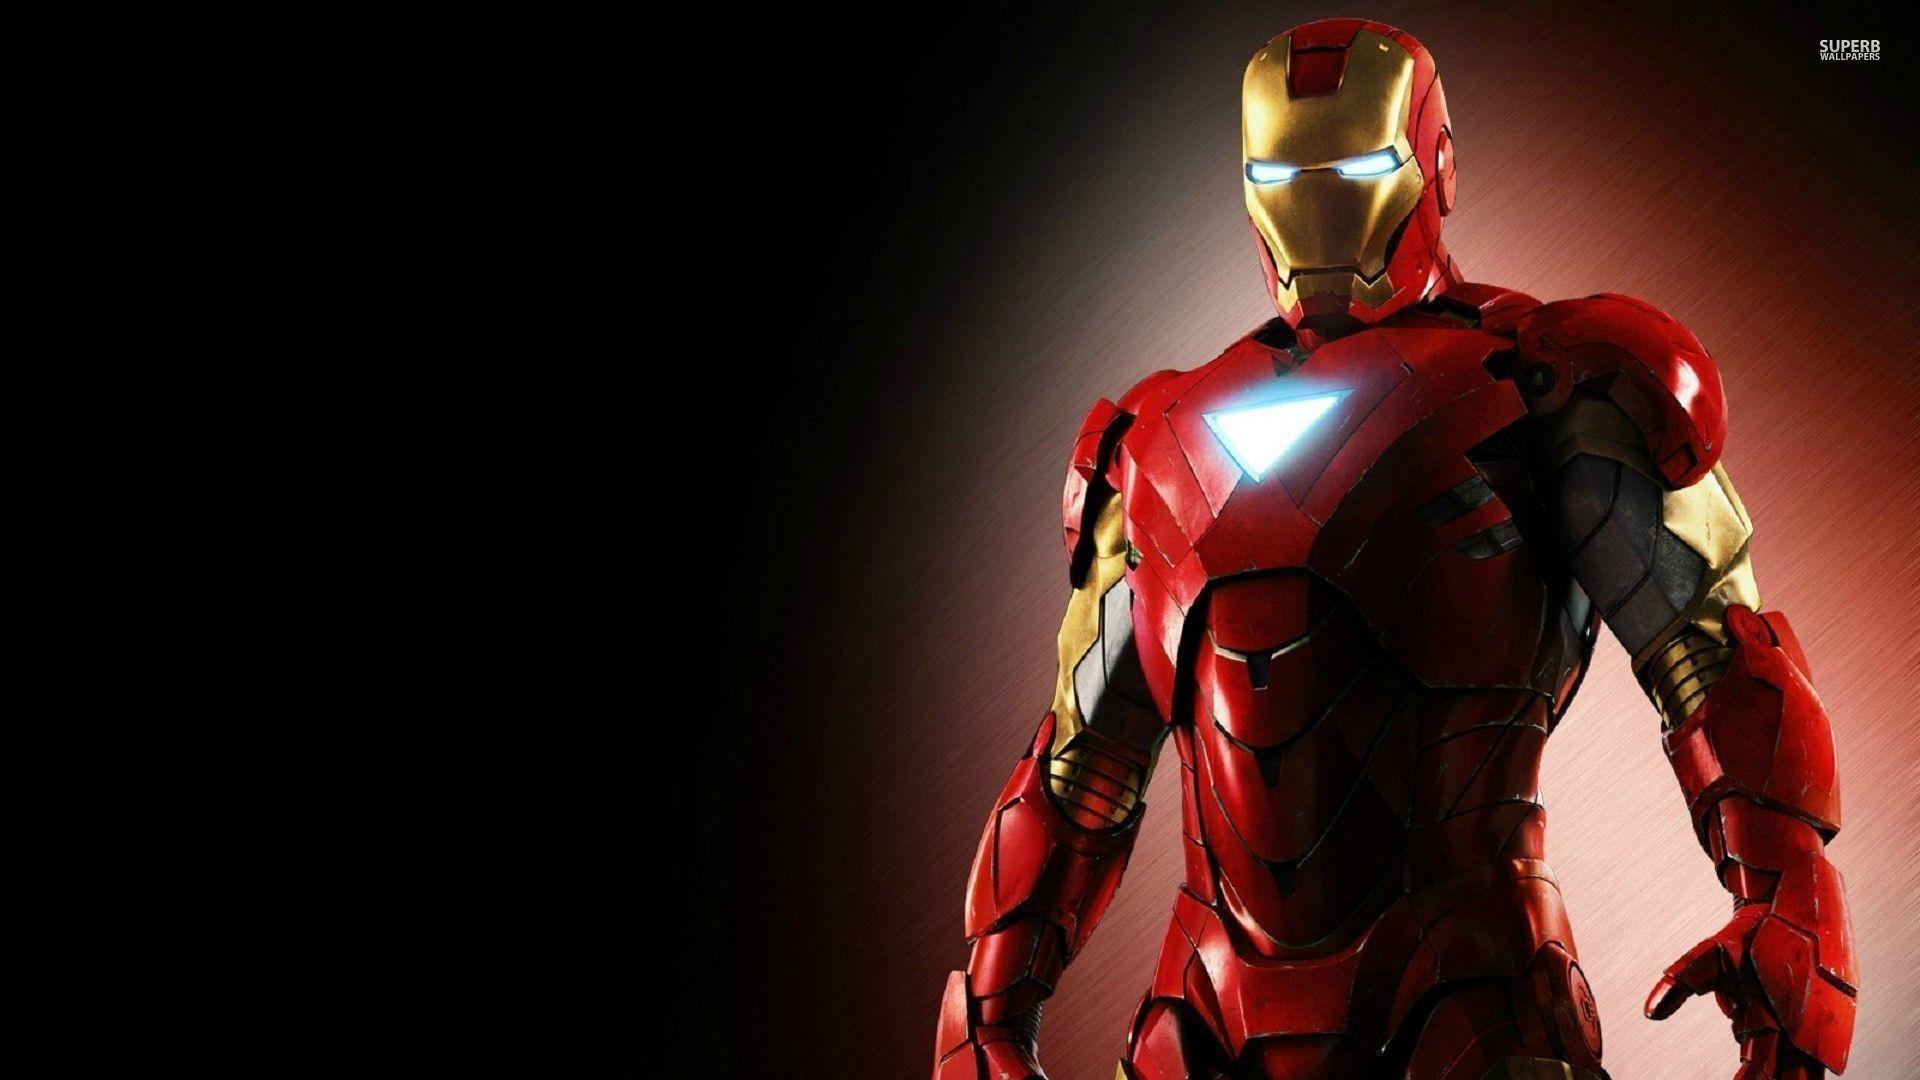 iron man hd free